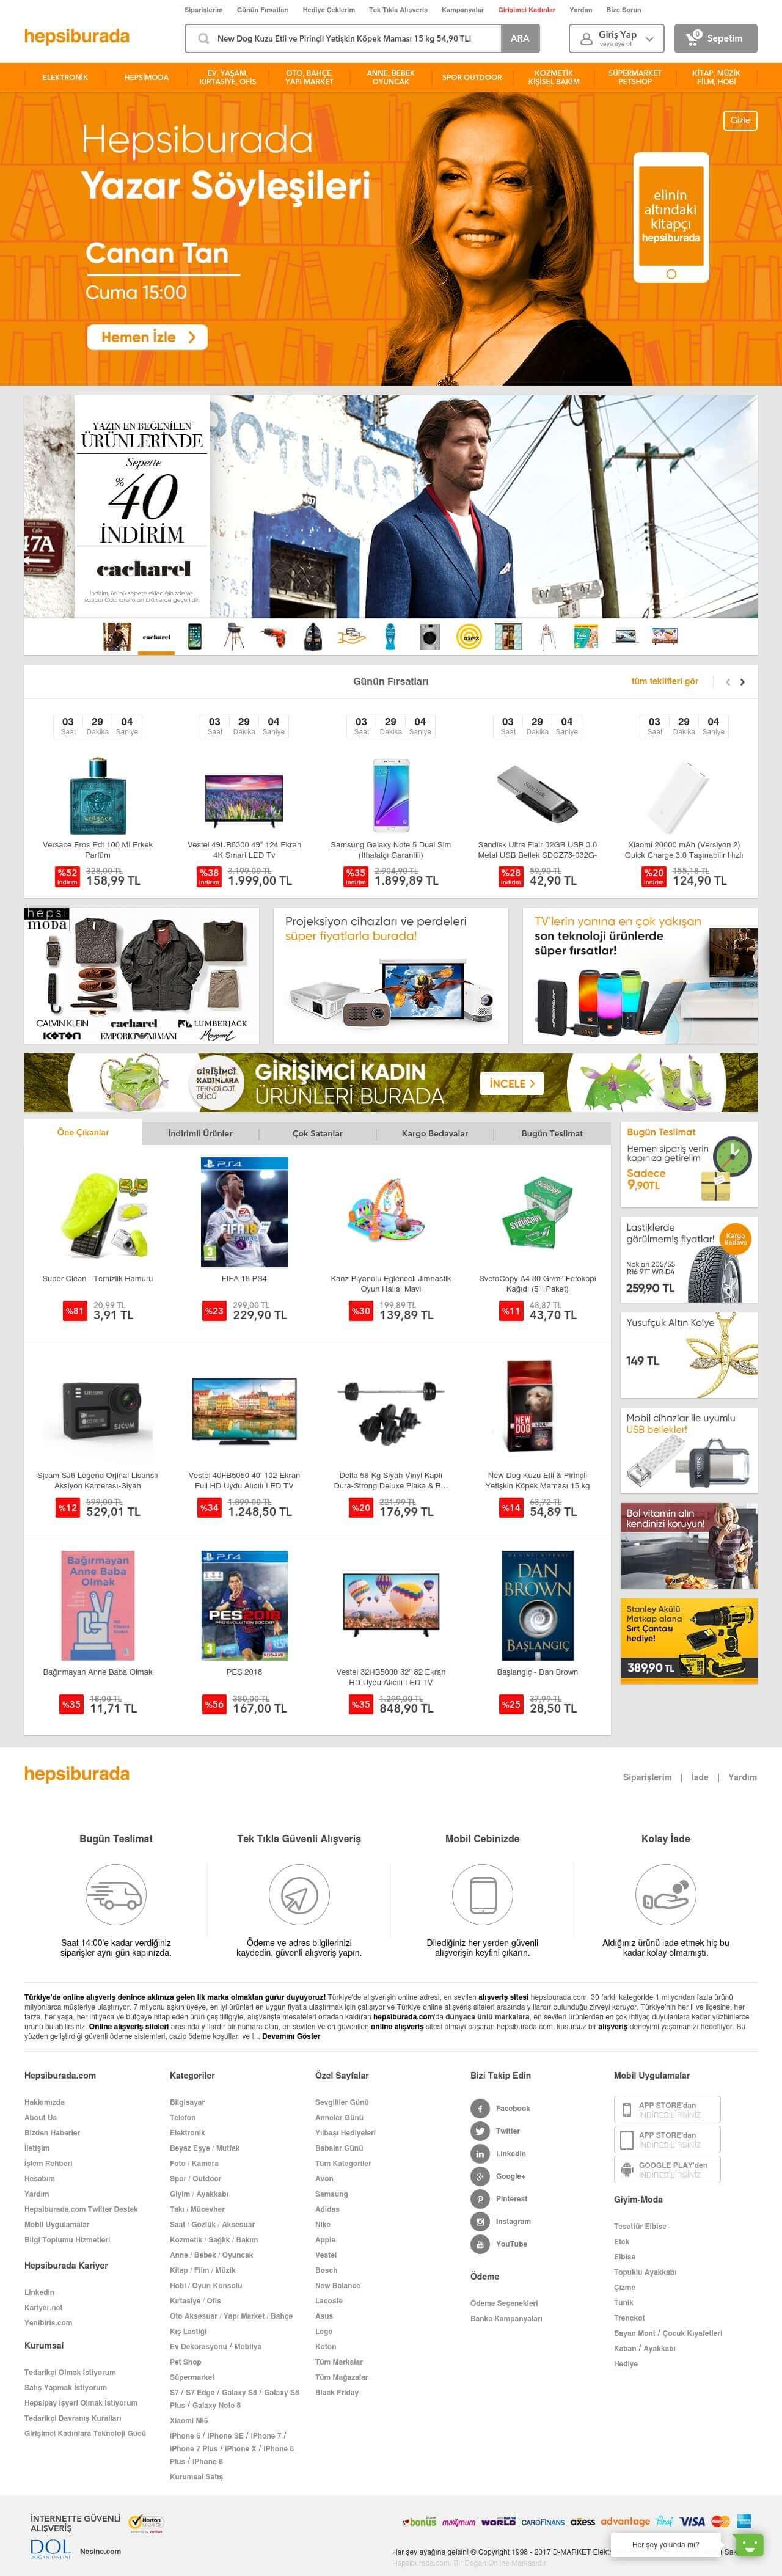 E-Ticarette Kullanıcı Deneyimi (UX) Örnekleri